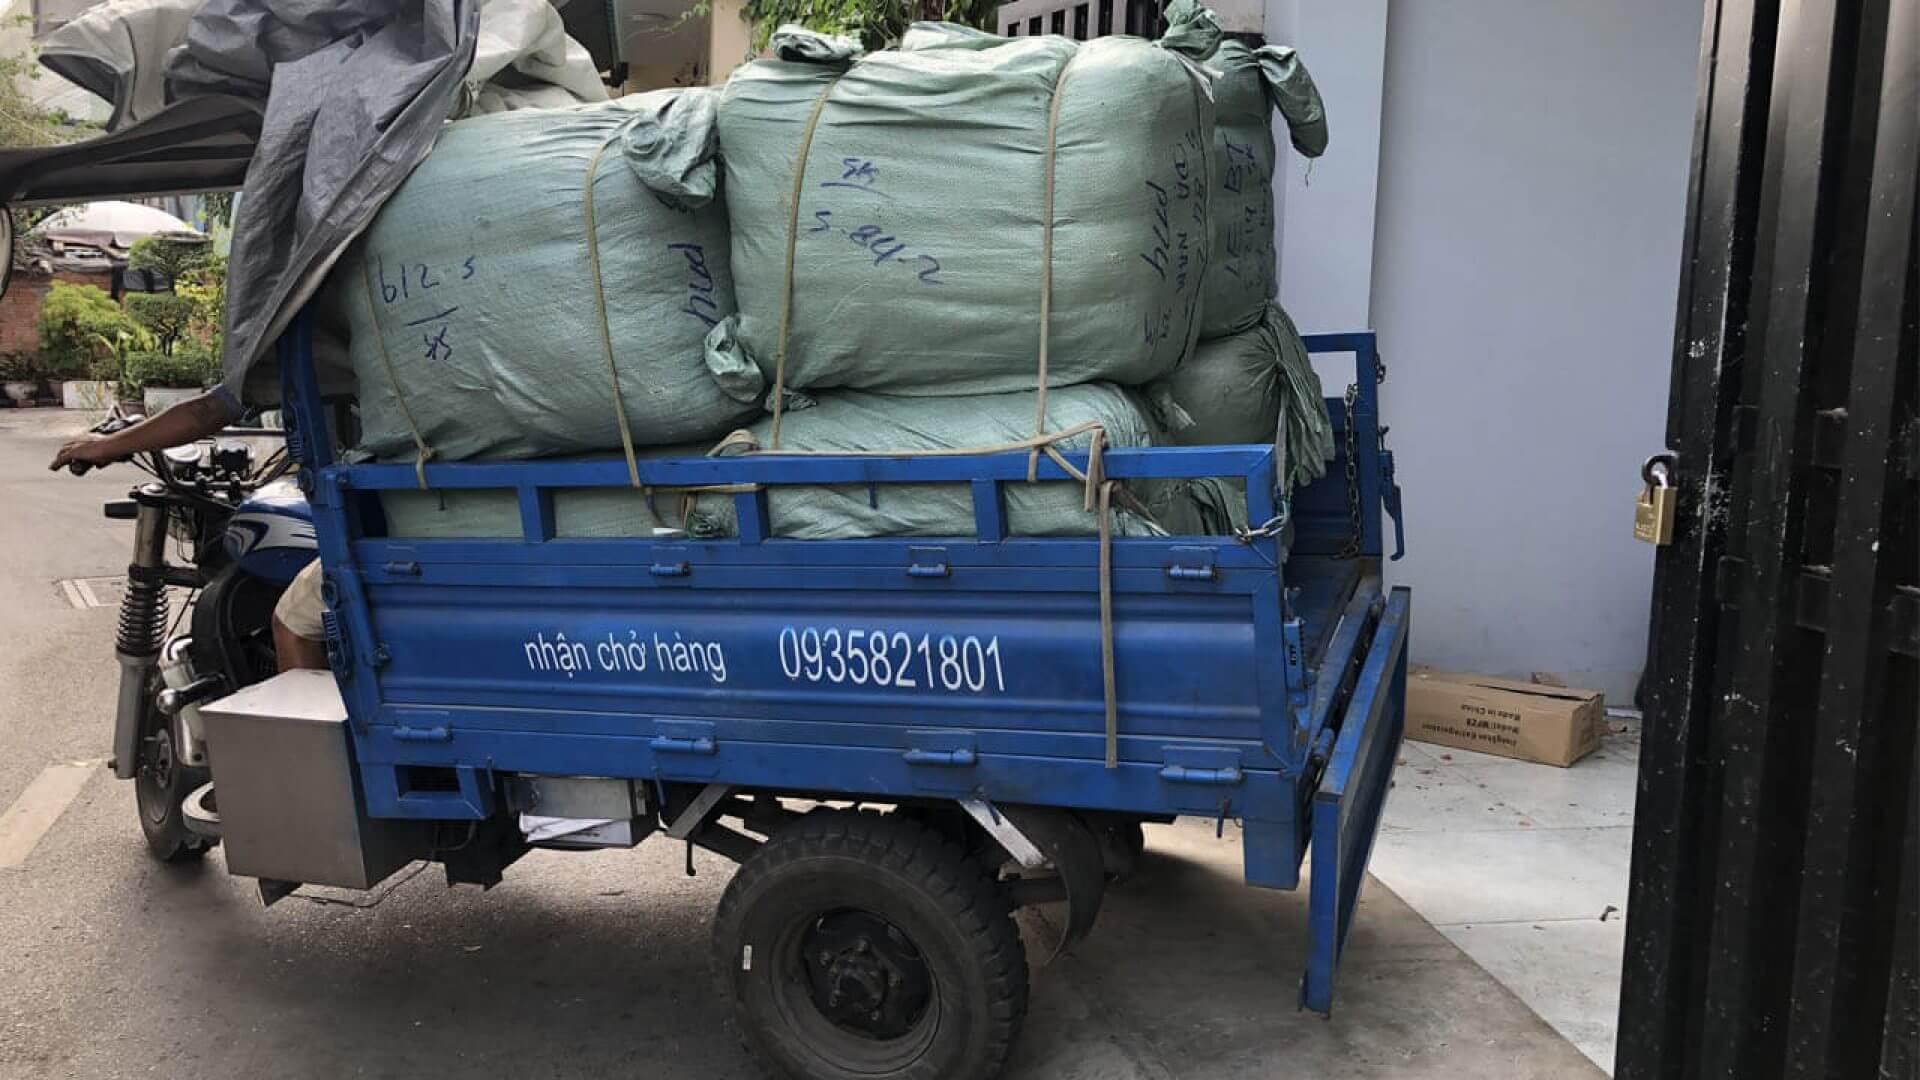 Hàng Kiện Campuchia.com đang có sẵn áo khoác bomber hàng thùng nguyên tép 50kg, chính gốc xuất xứ Mỹ đã được tuyển chọn và lọc kĩ những mẫu có độ mới cao